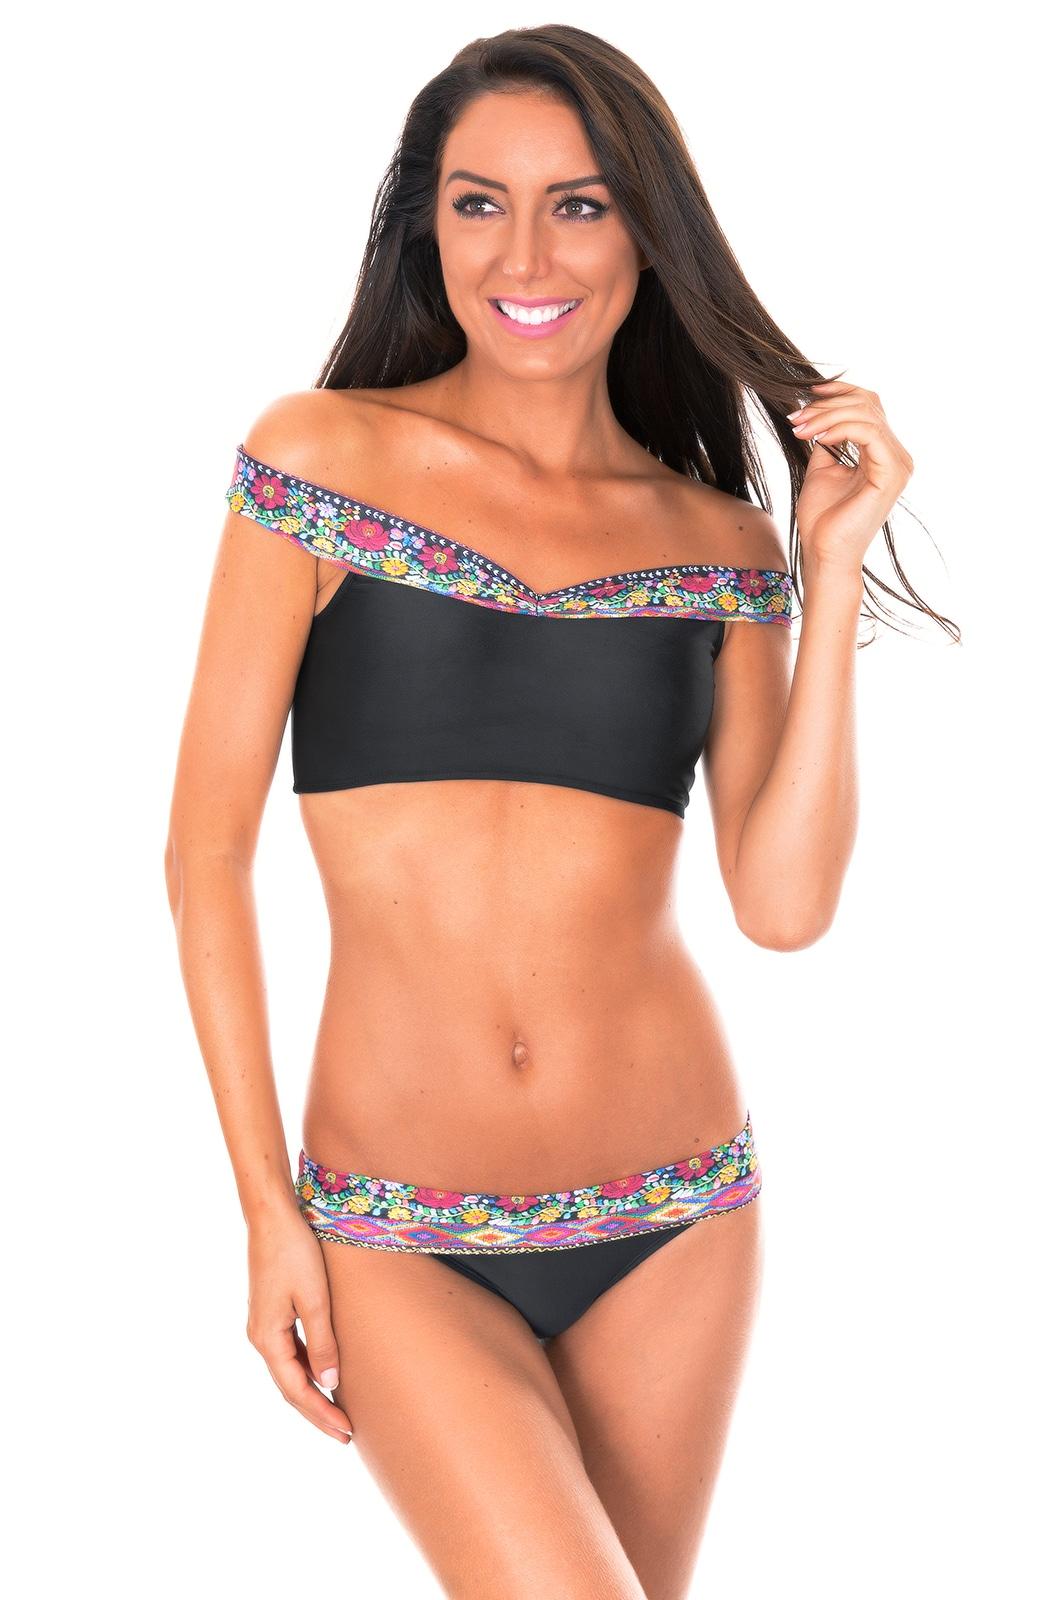 d8e02a4436fa8 Black Print Crop Top Off Shoulder Bikini - Folk Shoulder - Rio de Sol